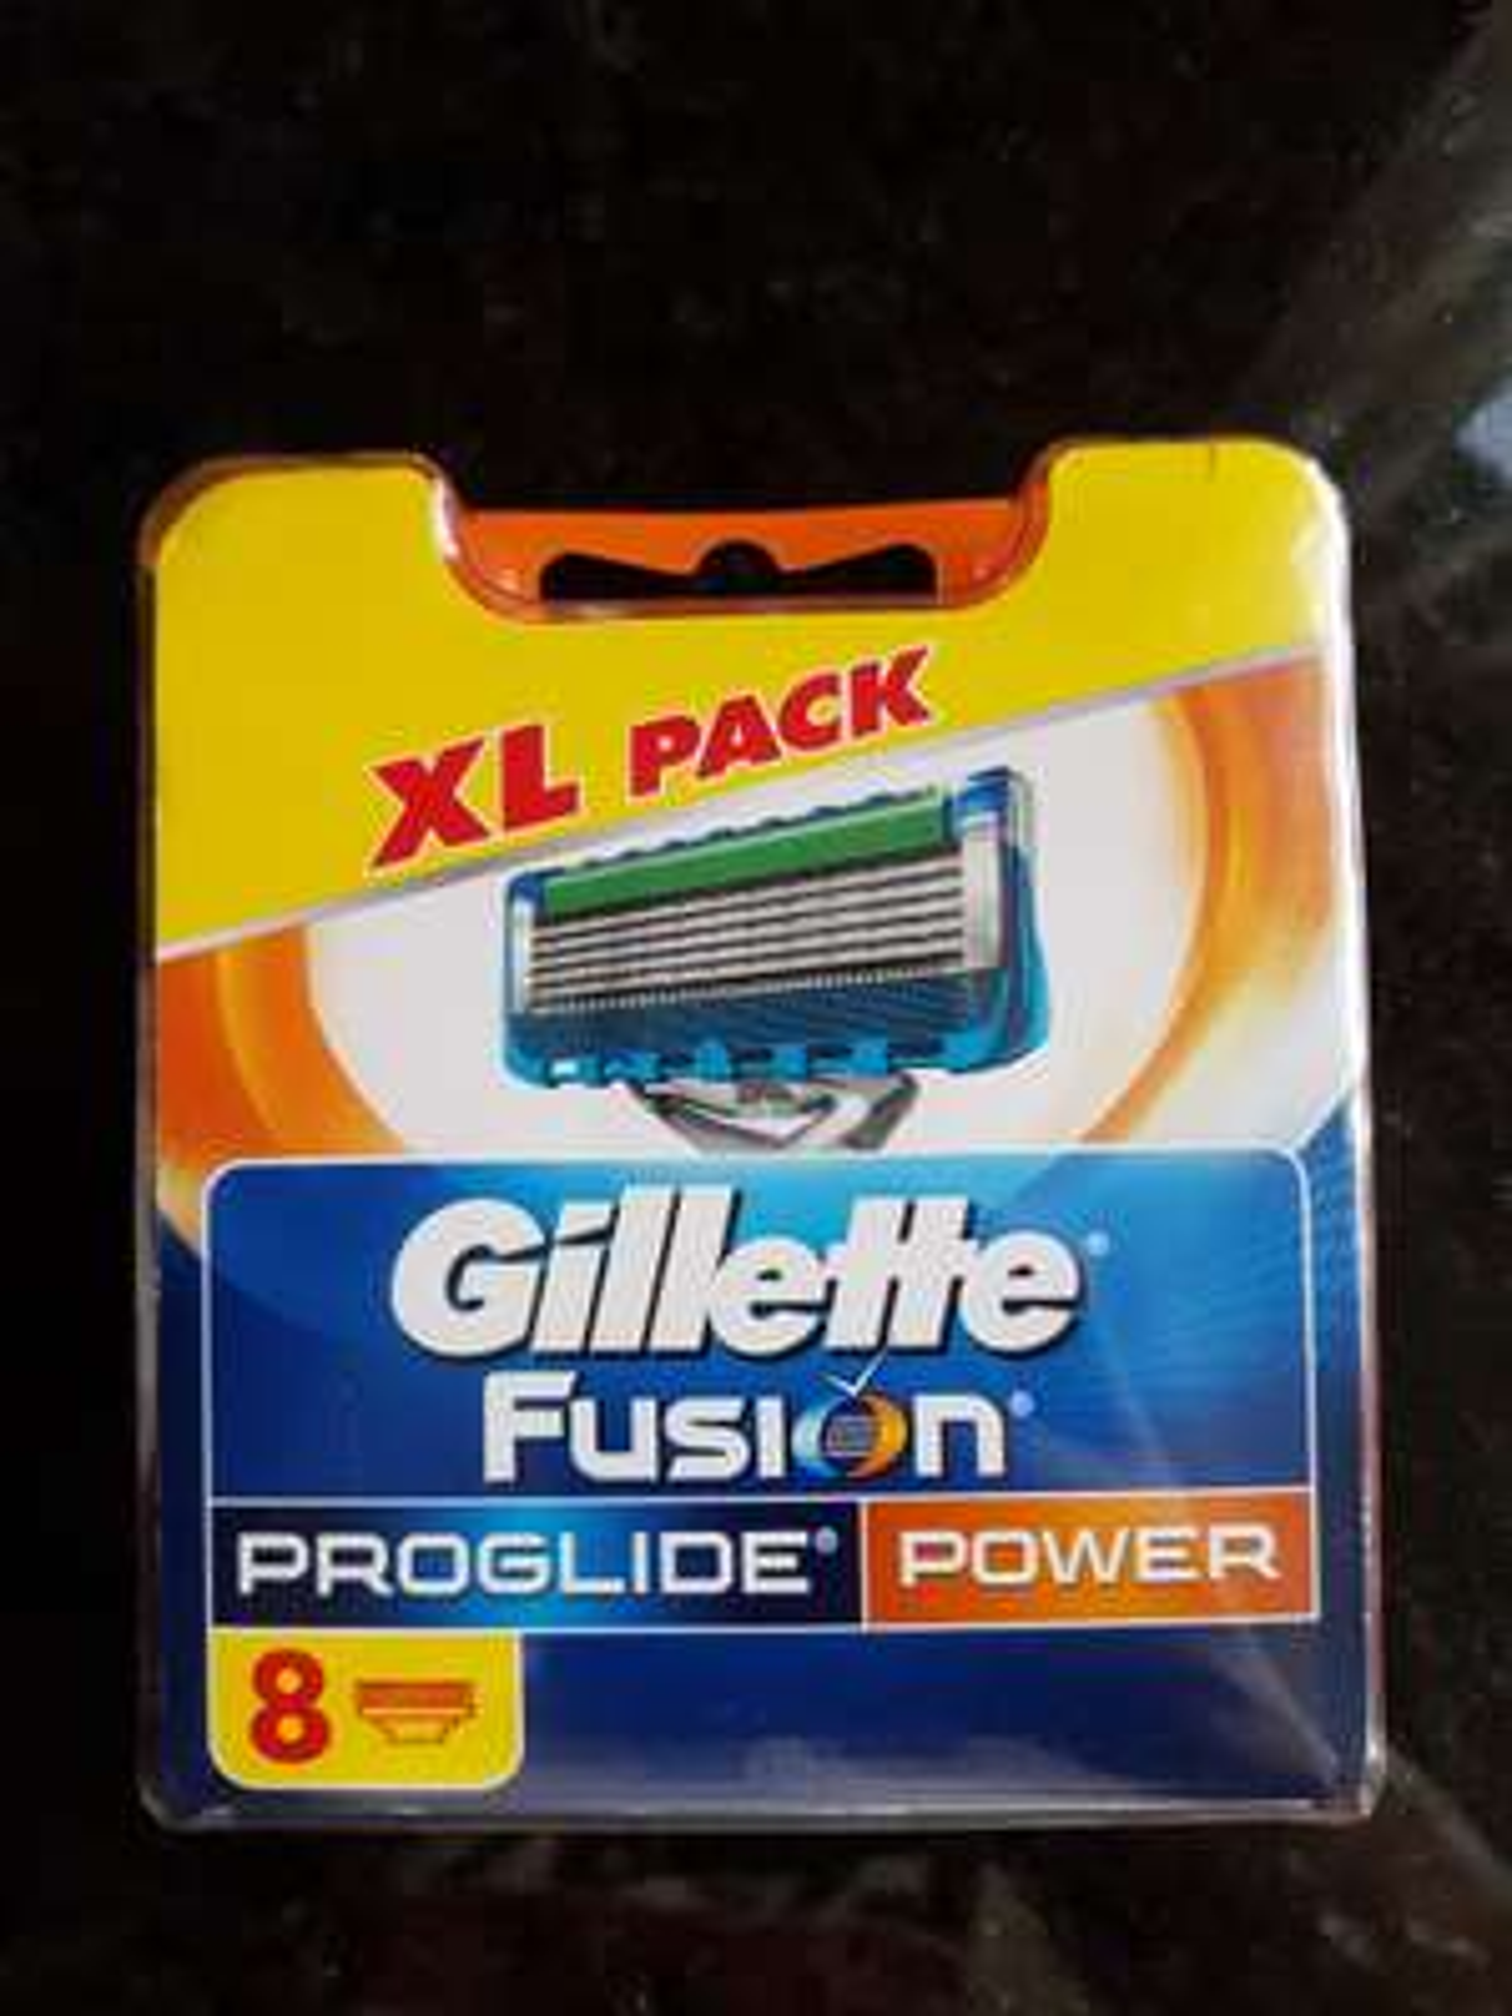 Gillette fusion proglide power razor blades 8 Pack £20 instore @ Wilko